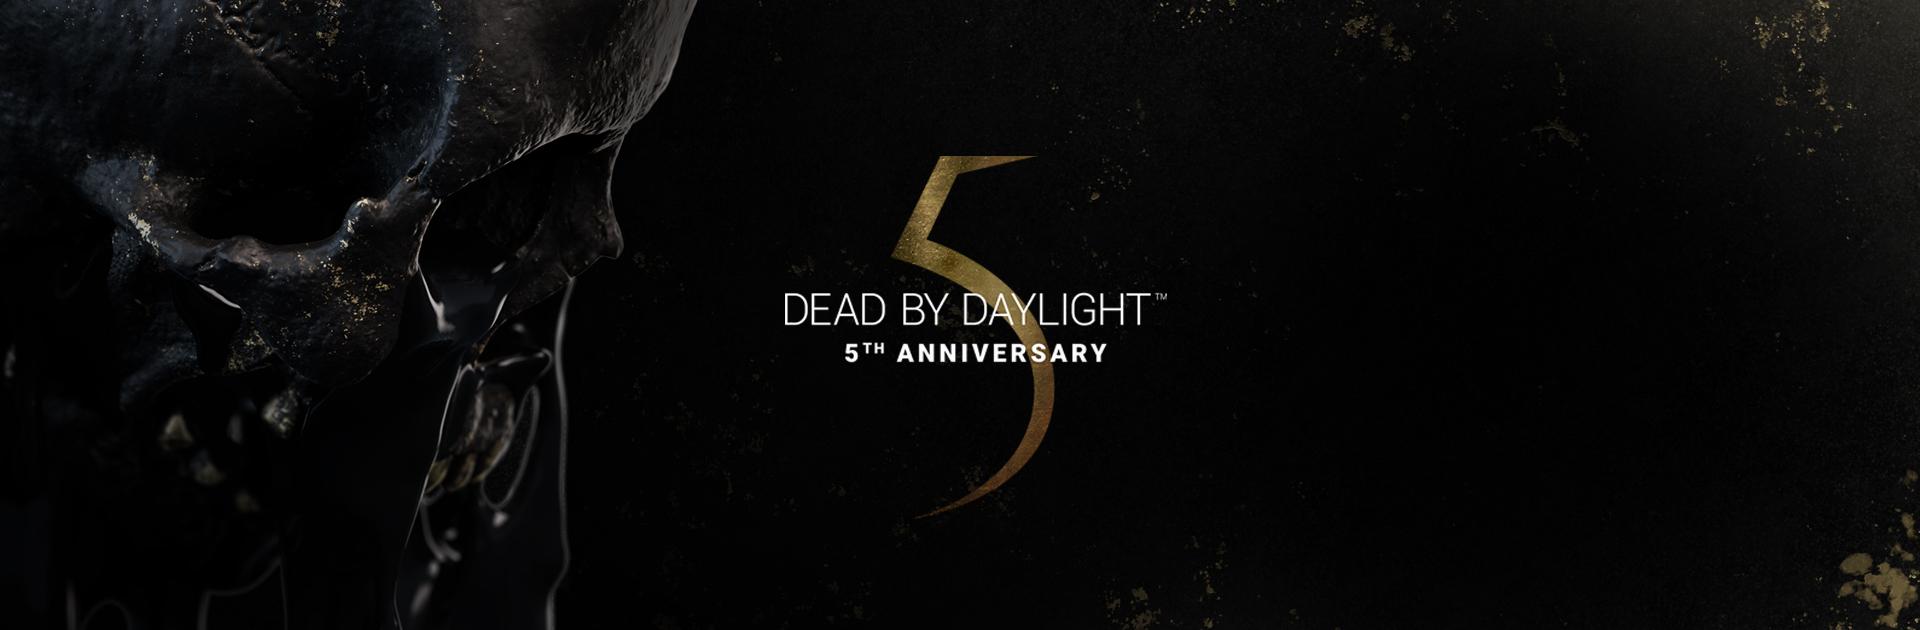 Dead by Daylight: Un succès enraciné dans l'histoire de Behaviour